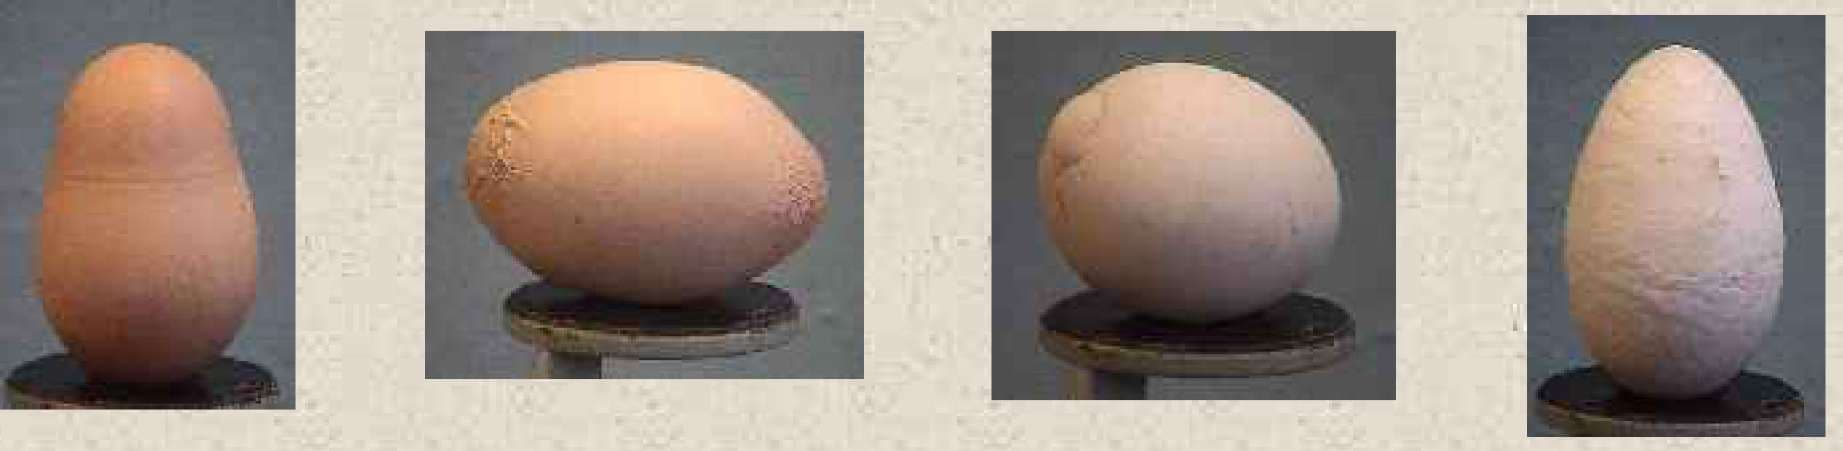 Тонкая скорлупа у яиц и другие проблемы яйцекладки кур